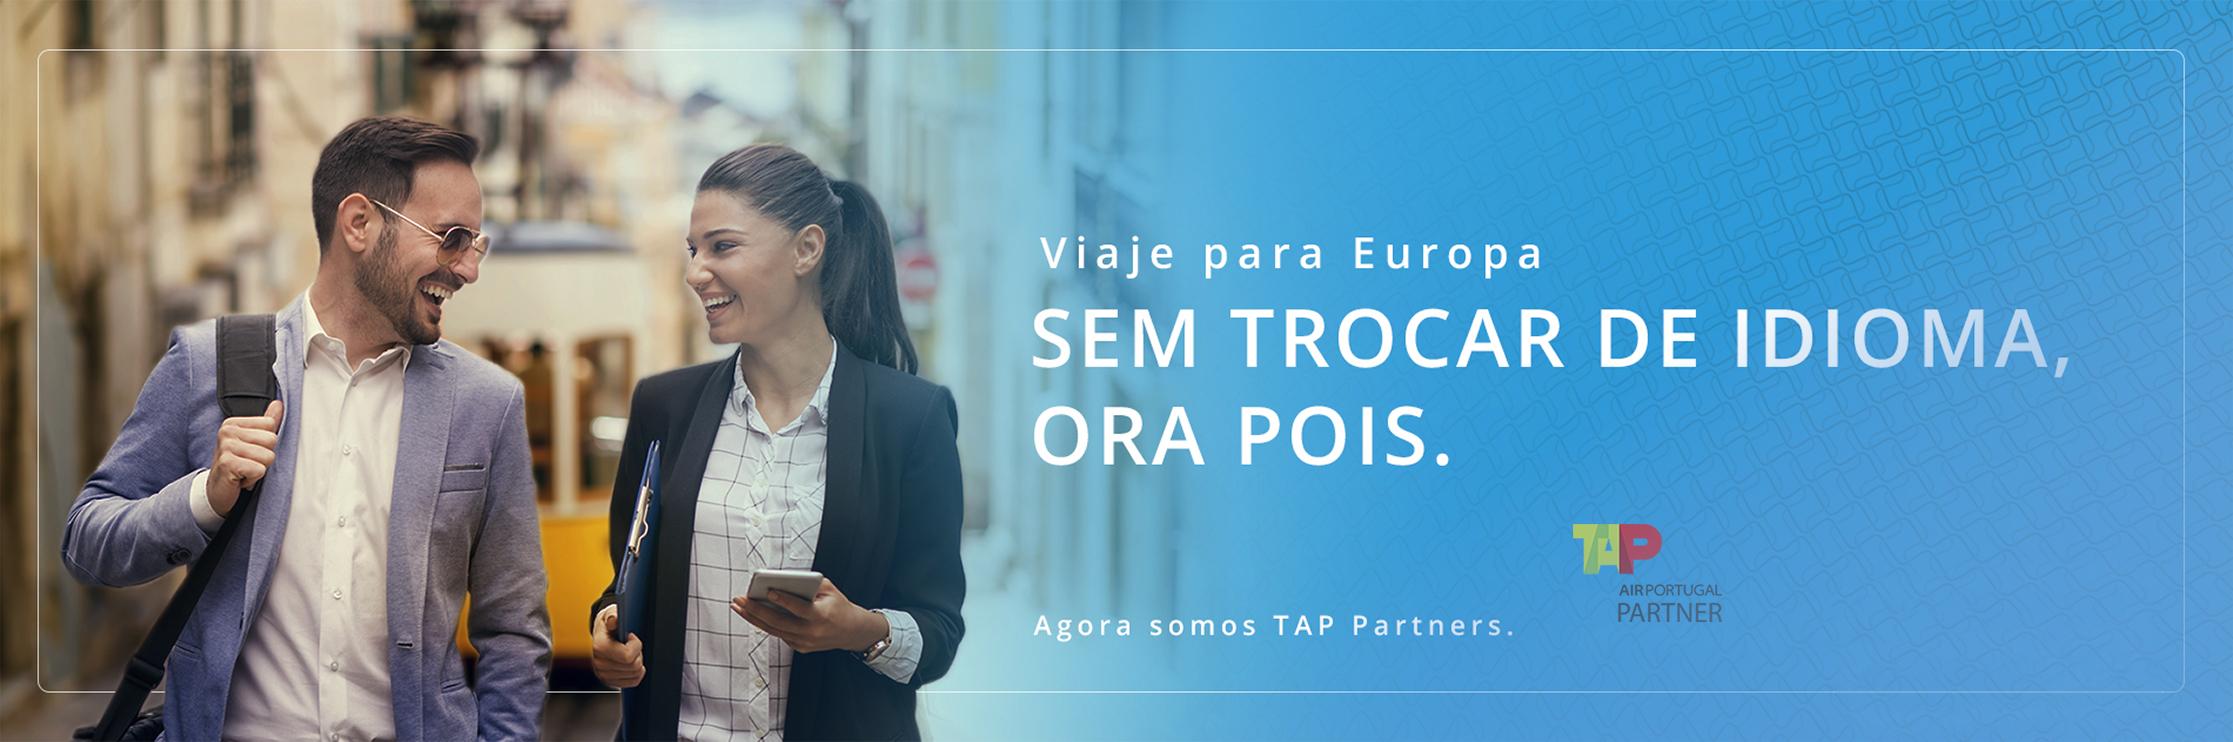 Costa Brava agora é TAP PARTNER!